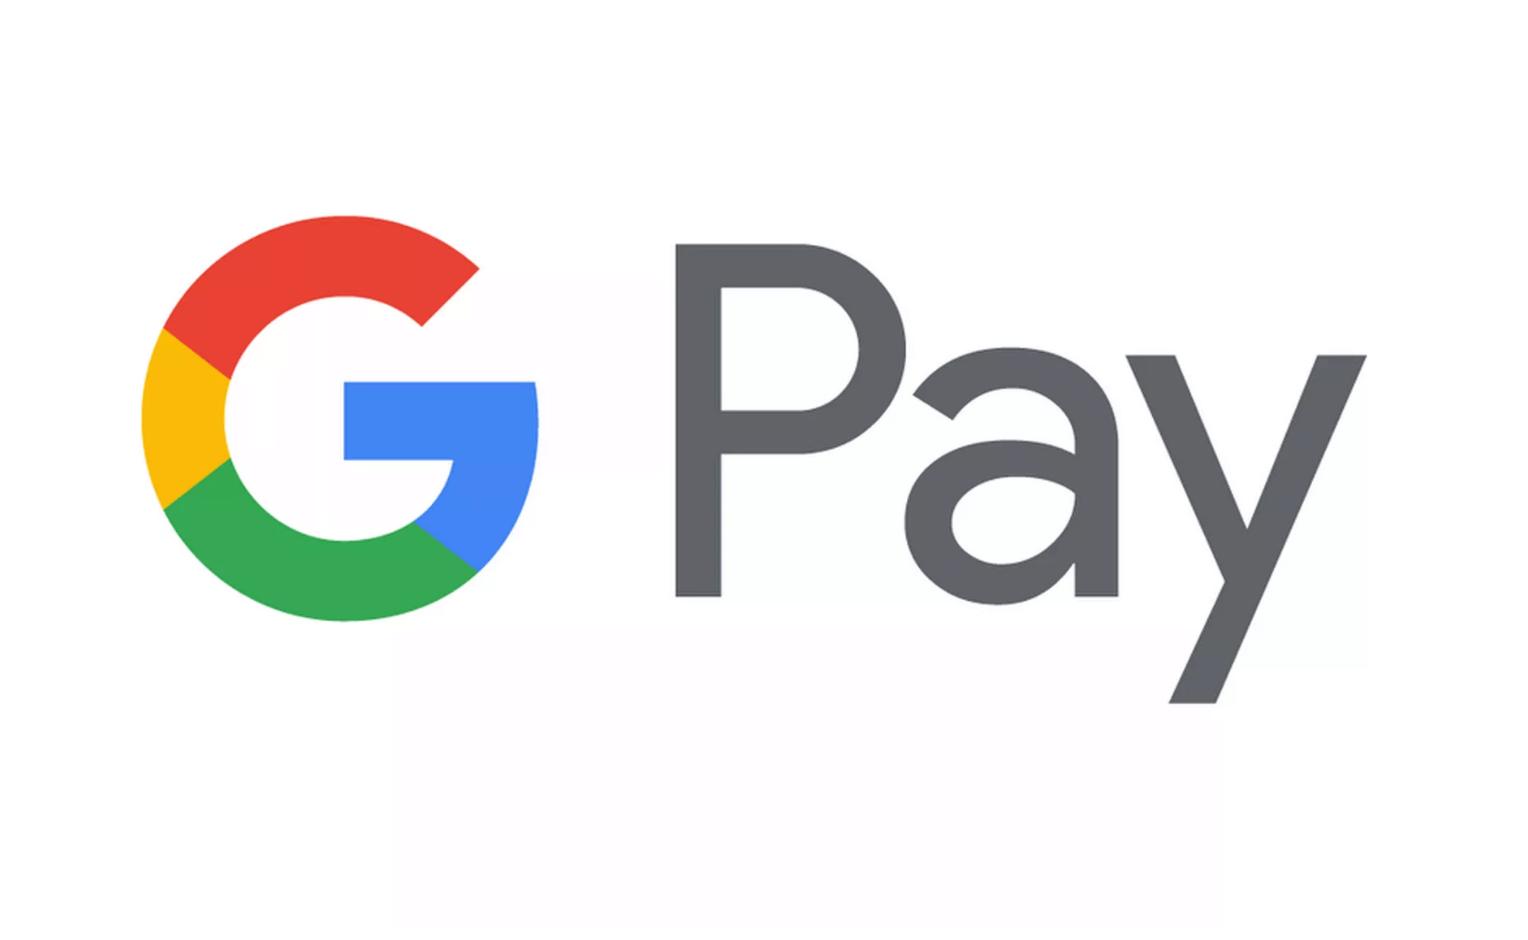 Google Pay - O novo serviço chegou para agrupar o Android Pay e Wallet